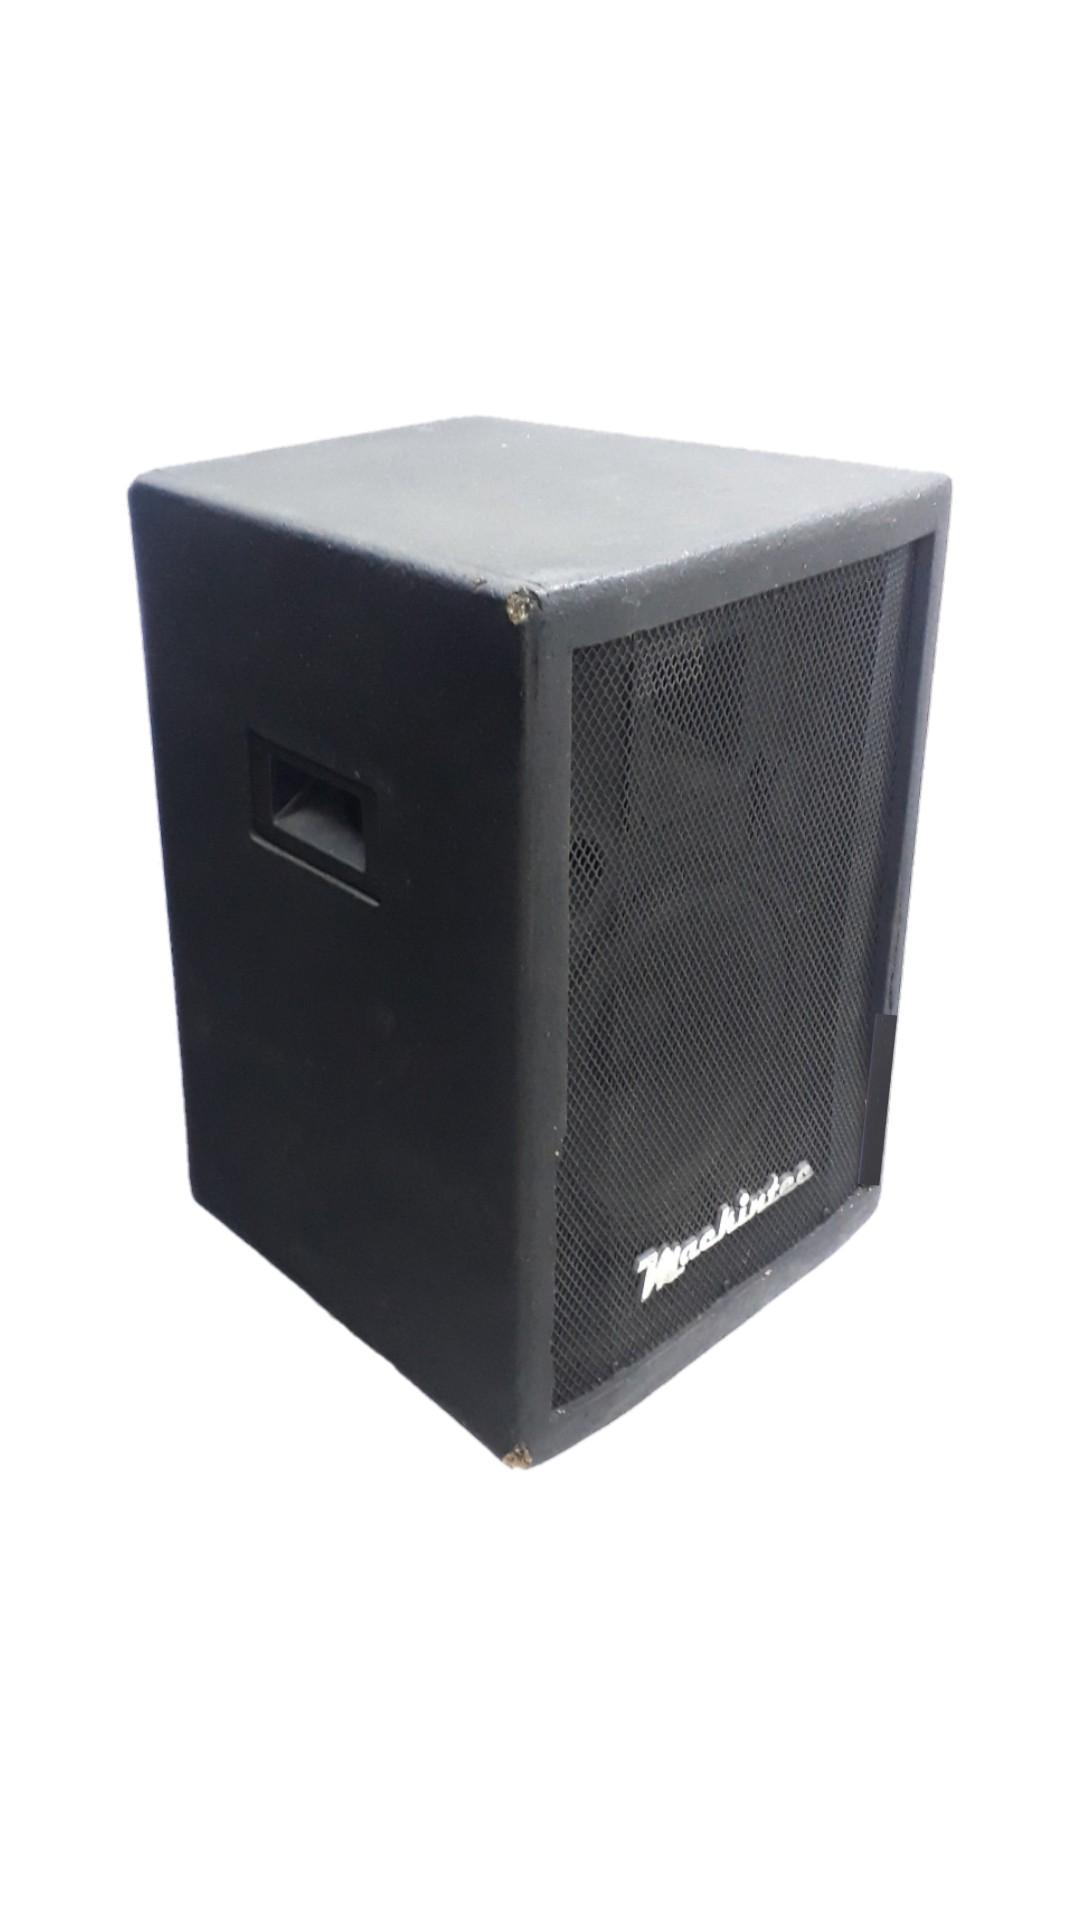 Caixa Amplificada Mackintec Box150 Frontal 3v.Falante 10.Ativa 100wrms